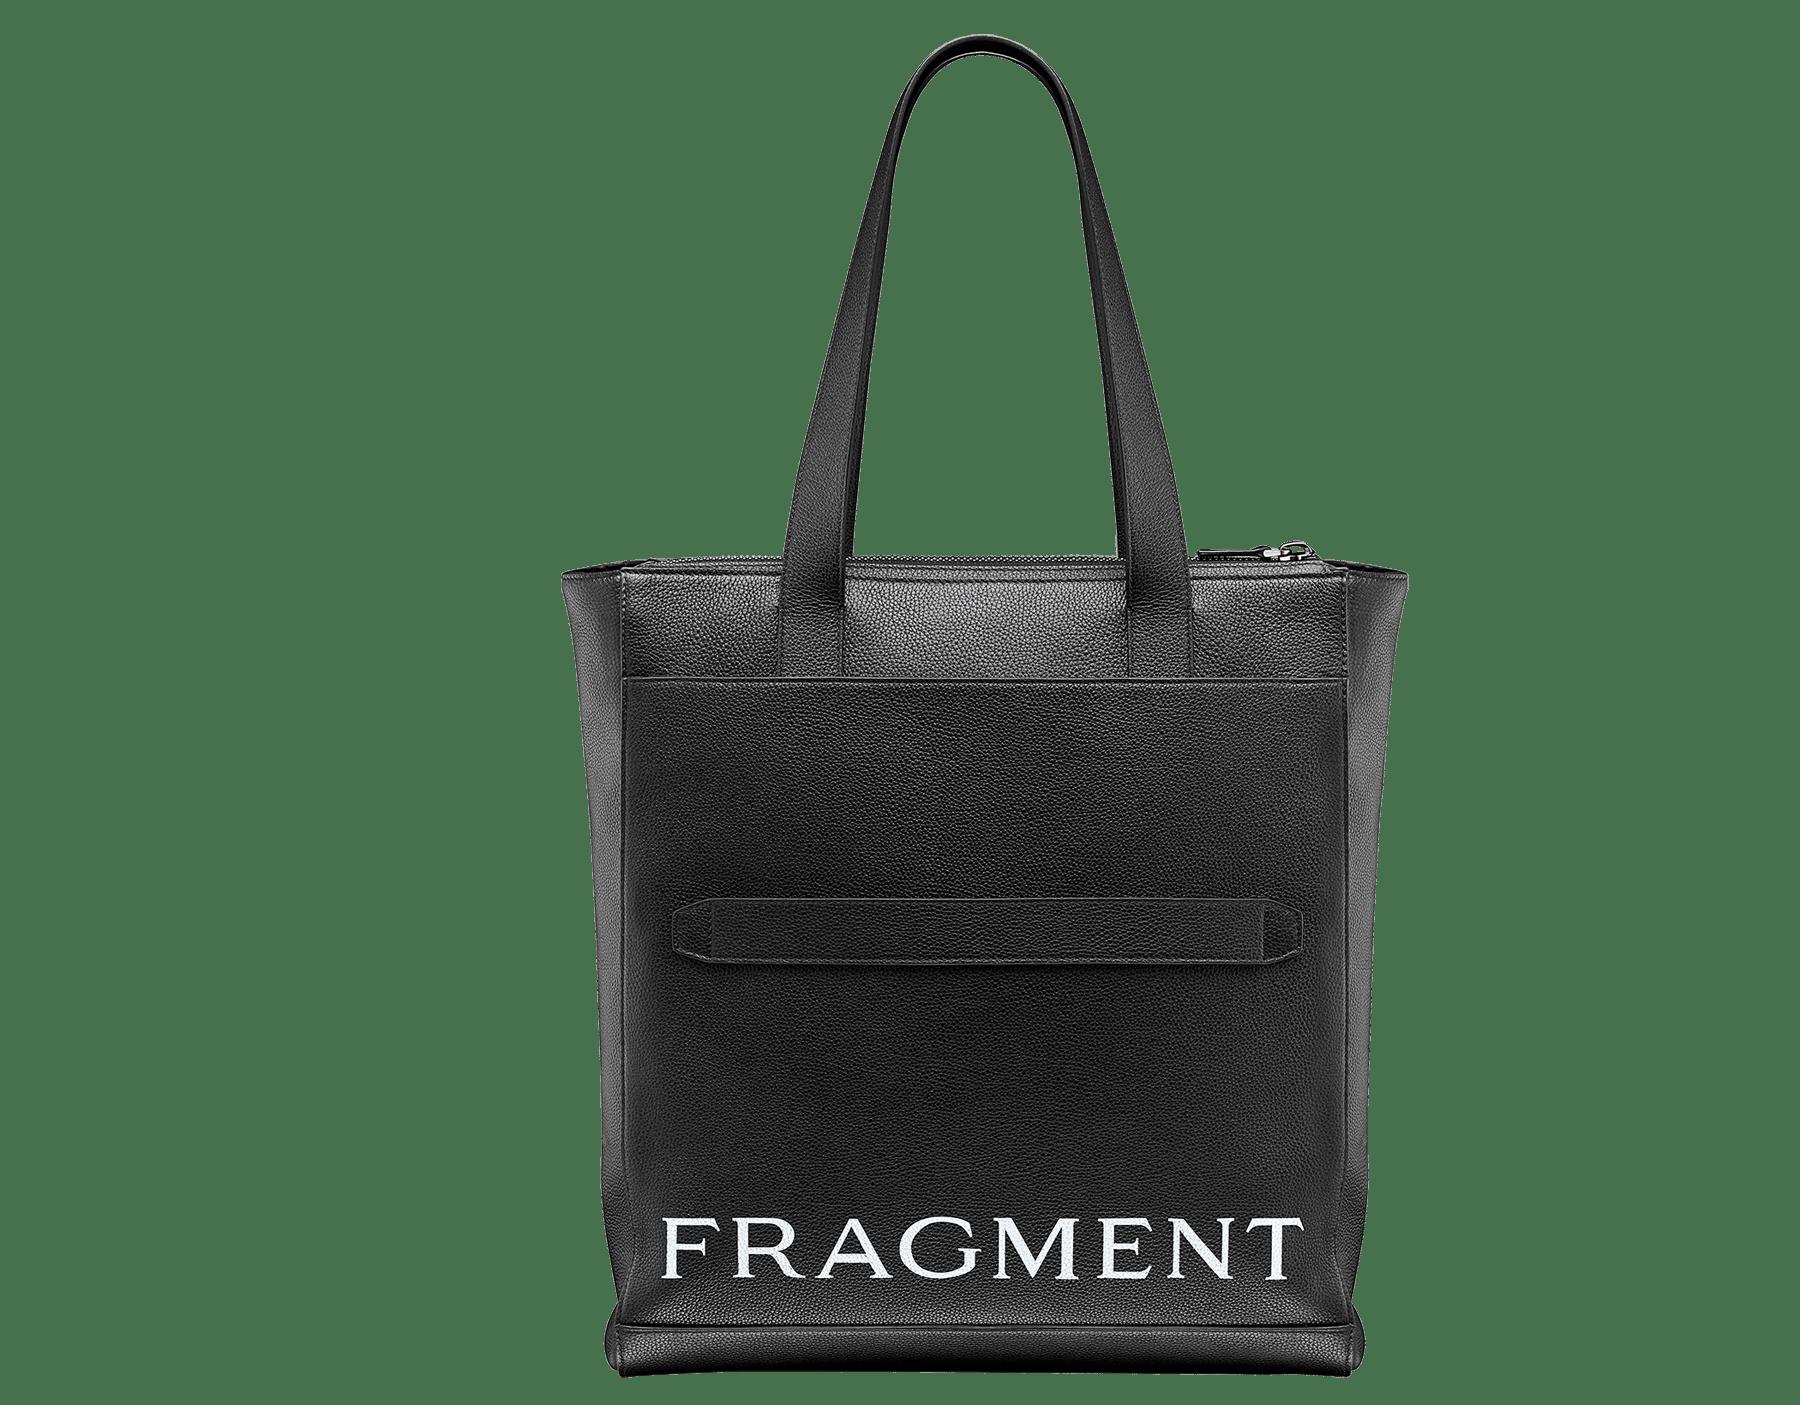 パラジウムプレートブラス製金具、「BVLGARI」と「FRAGMENT」のホワイトロゴプリントが付いたデニムサファイアのグレインカーフレザー製「FRAGMENT X BVLGARI by Hiroshi Fujiwara」縦長トートバッグ。 1114M-FUJI3rd image 3